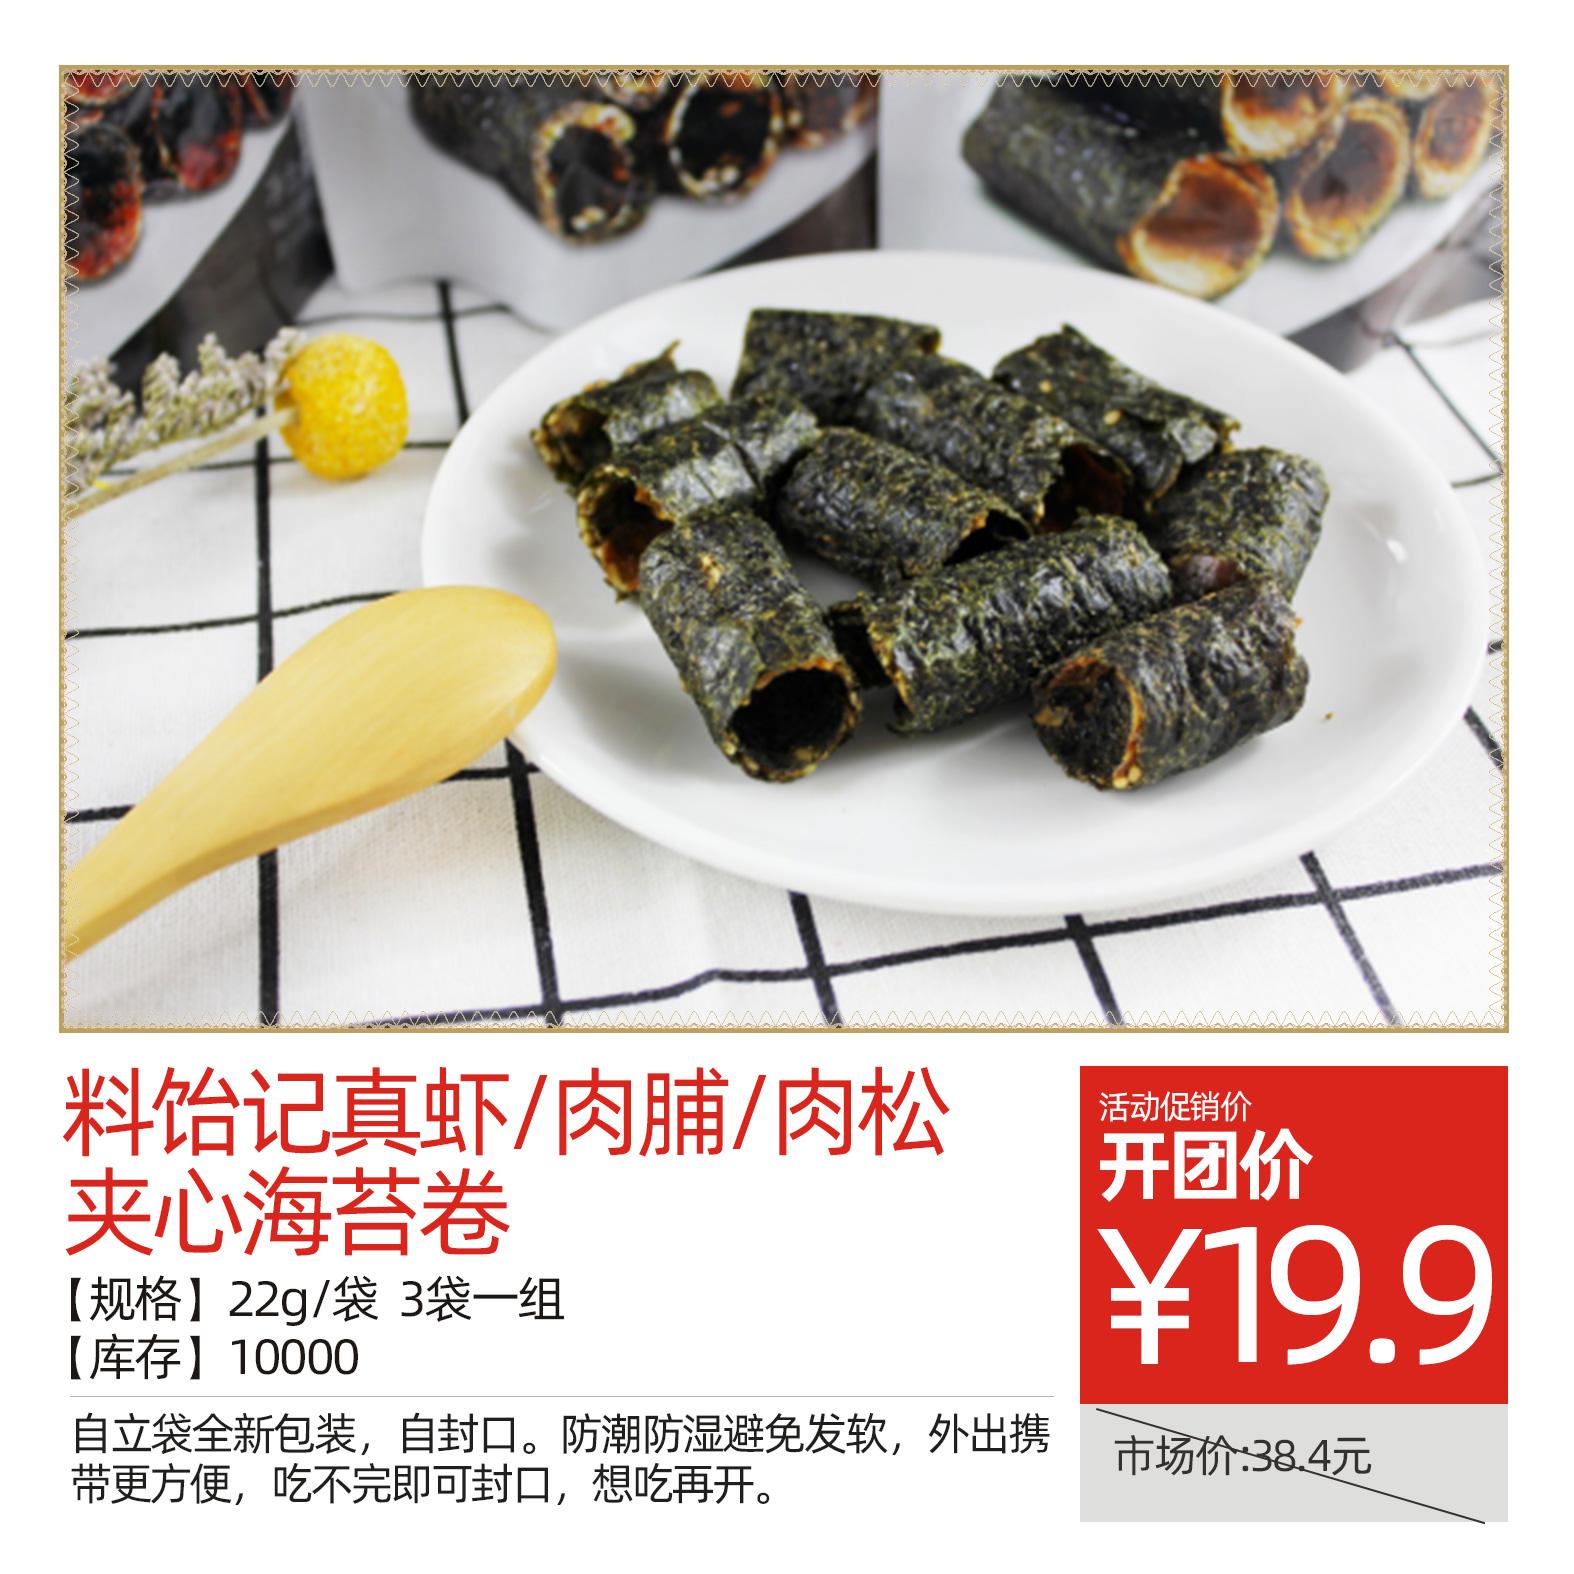 良一料饴记夹心海苔卷 (真虾/肉脯/肉松)